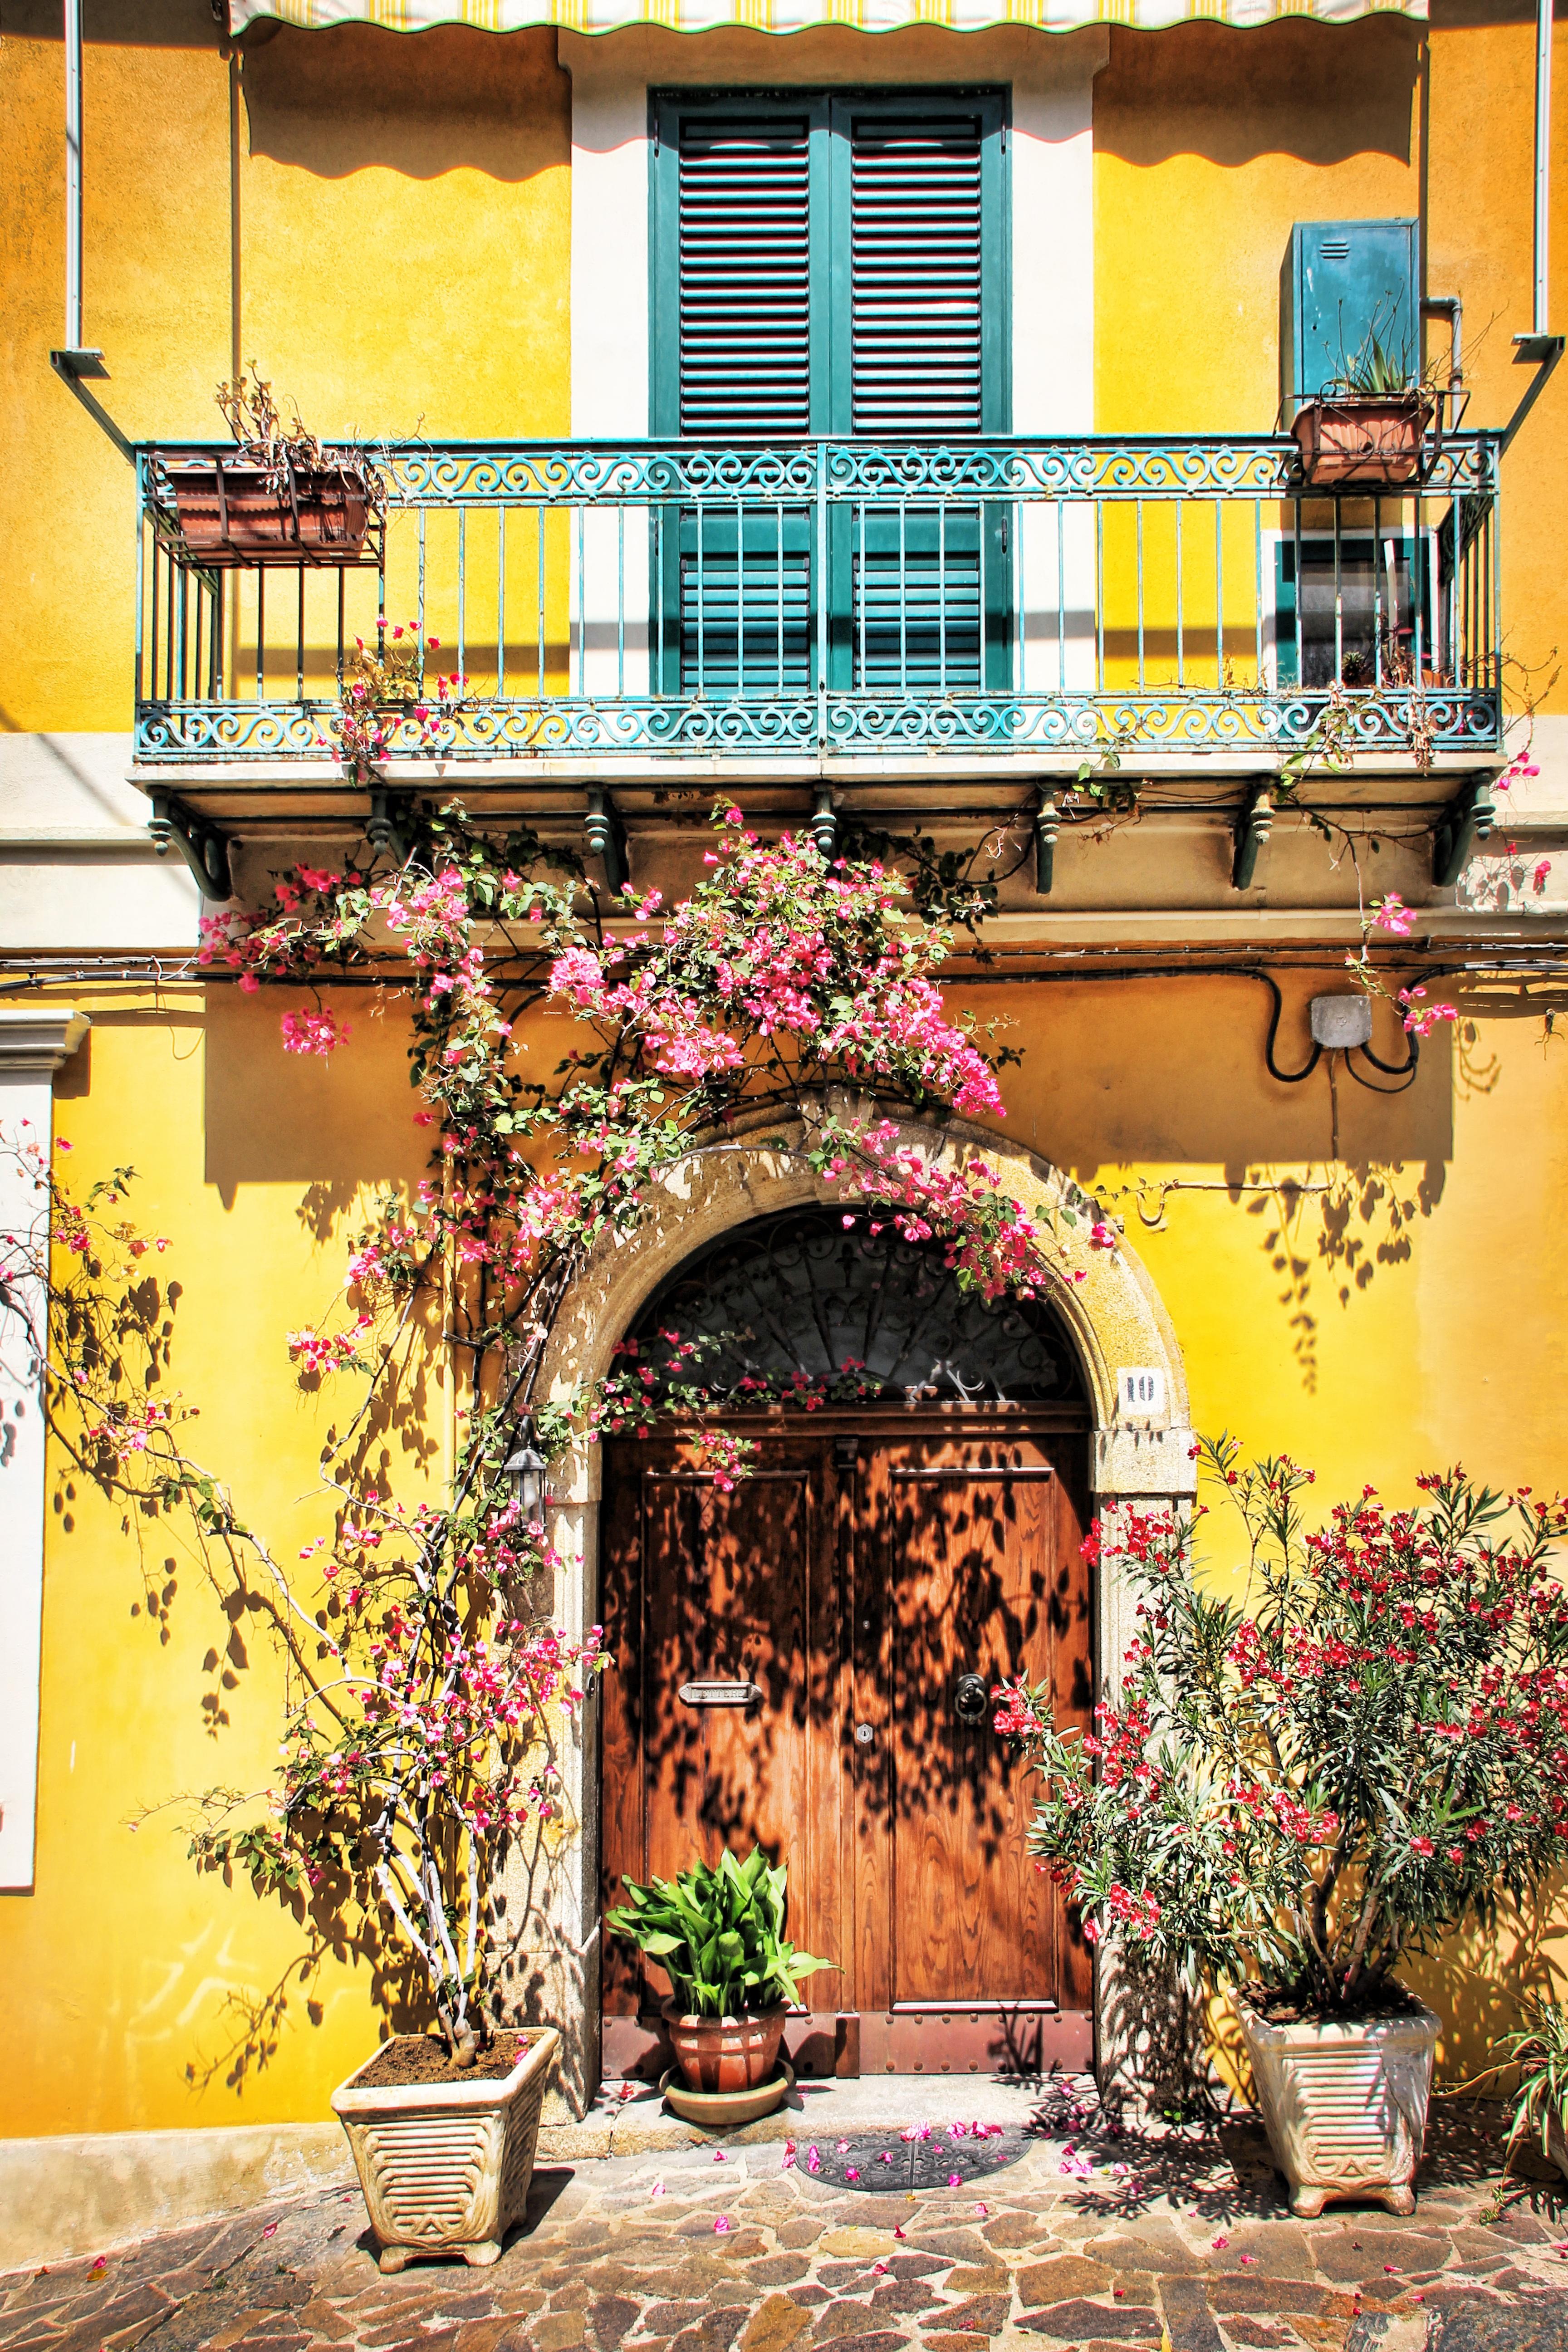 Images gratuites fen tre maison mur balcon couleur fa ade color porte design d - Couleur mur interieur maison ...